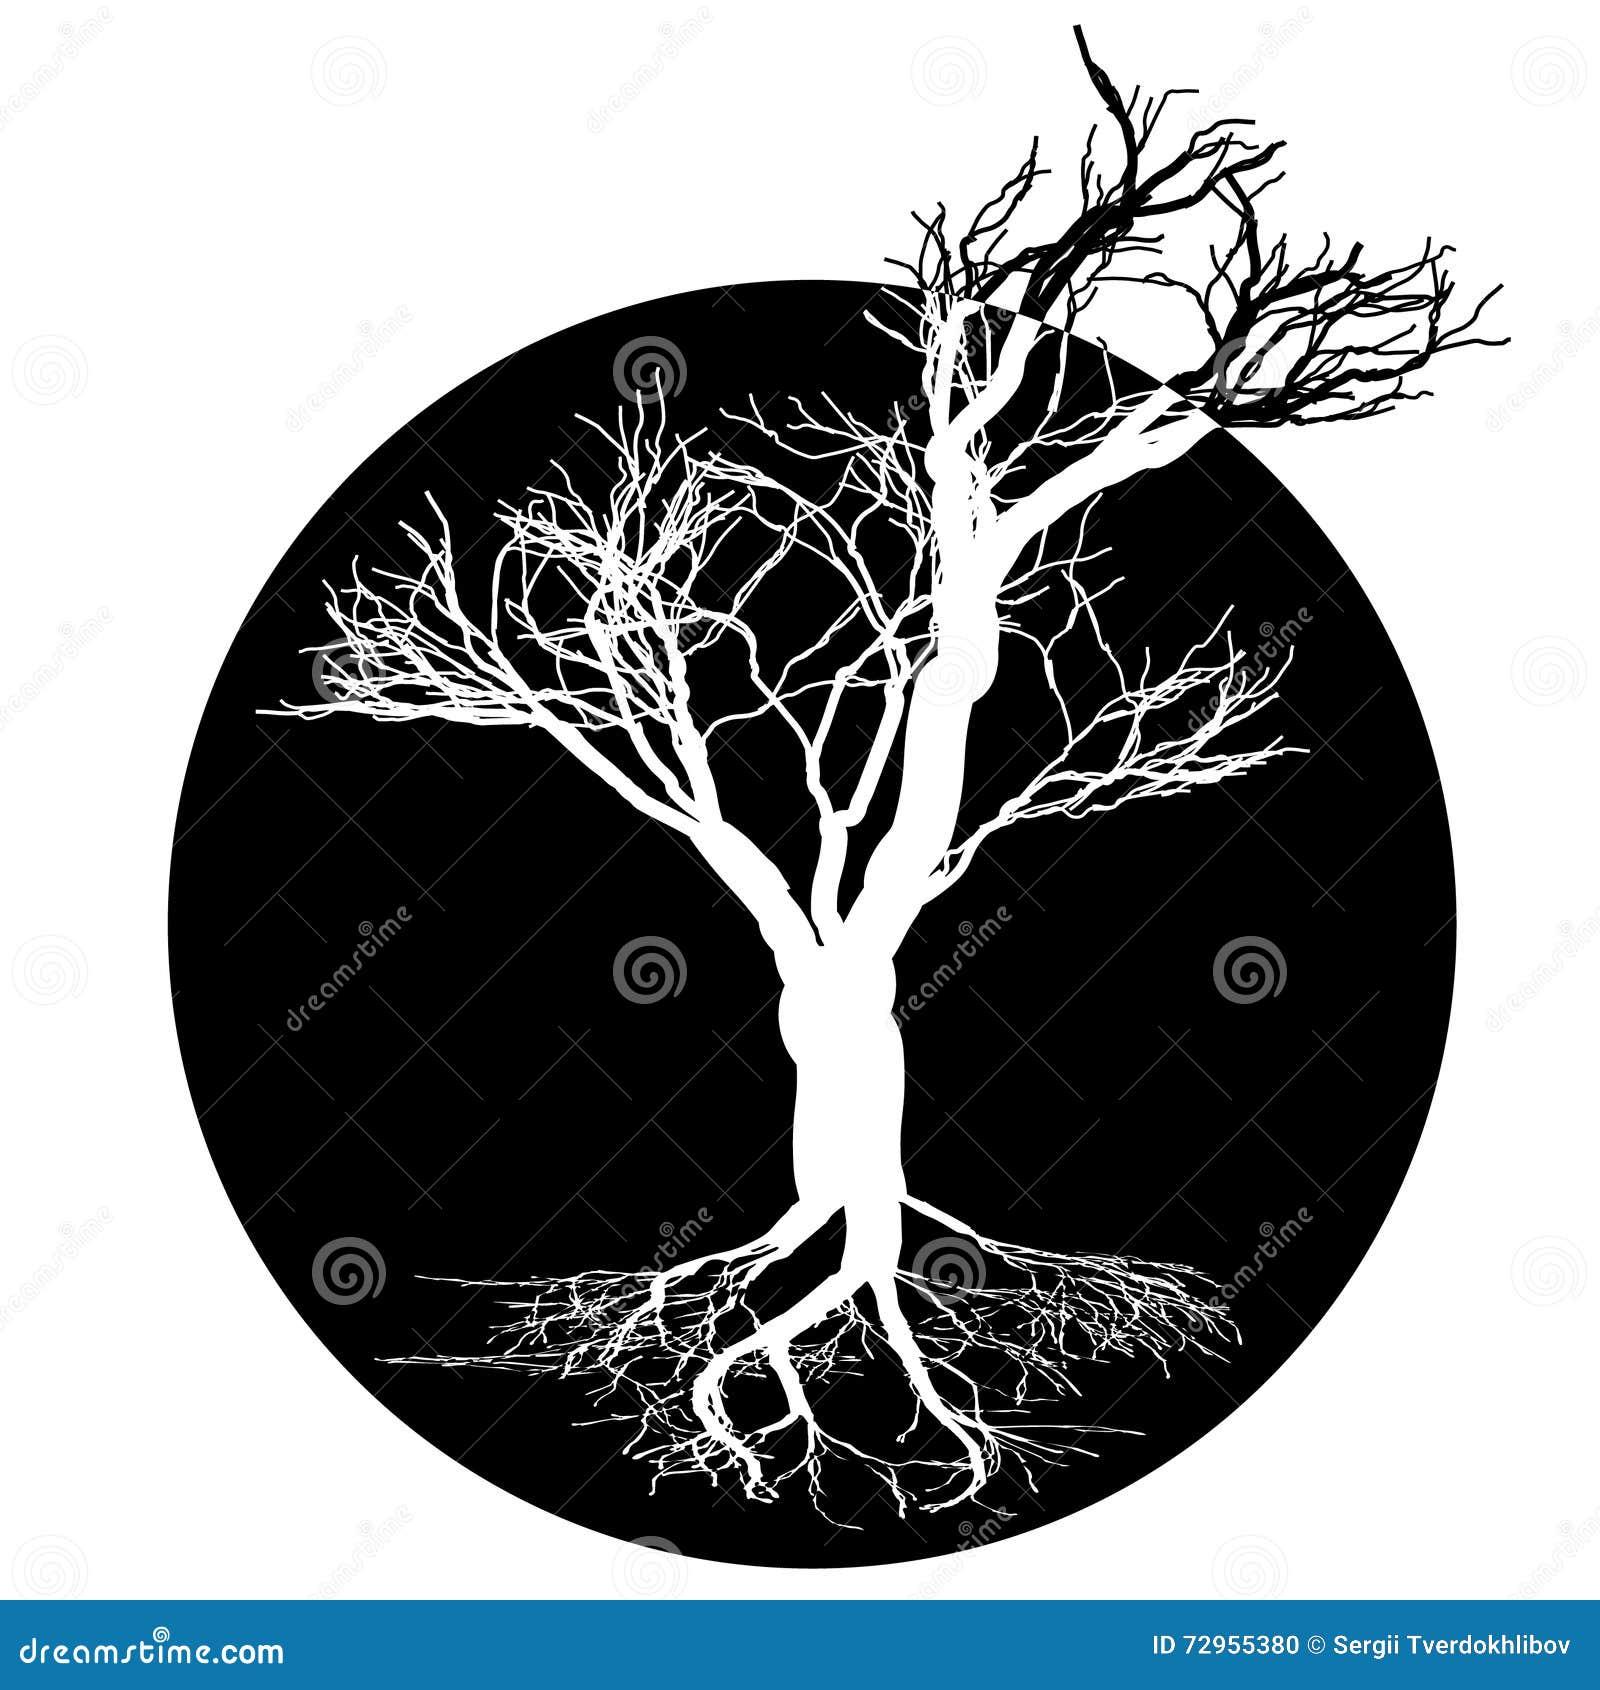 Dibujo Blanco Y Negro Del árbol De Hoja Caduca Silueta Negra En Un